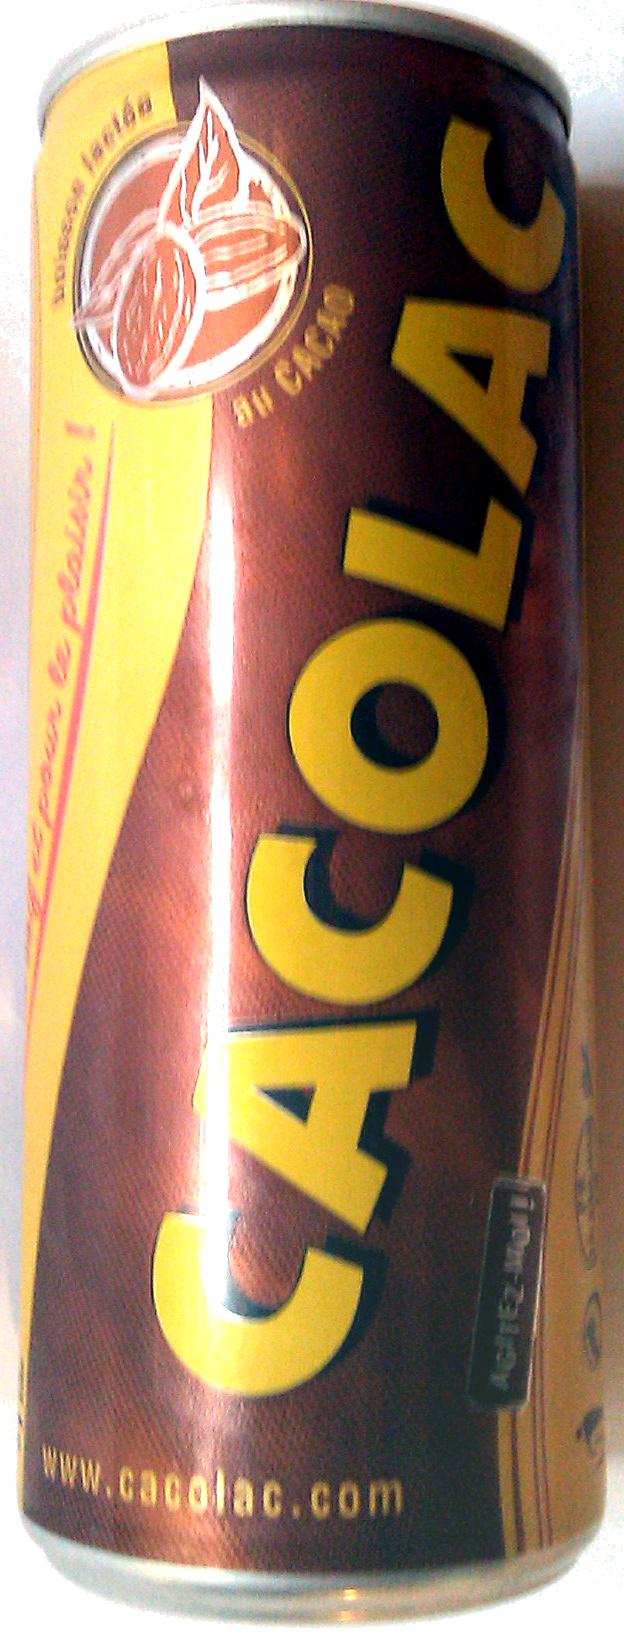 Cacolac - Produit - fr